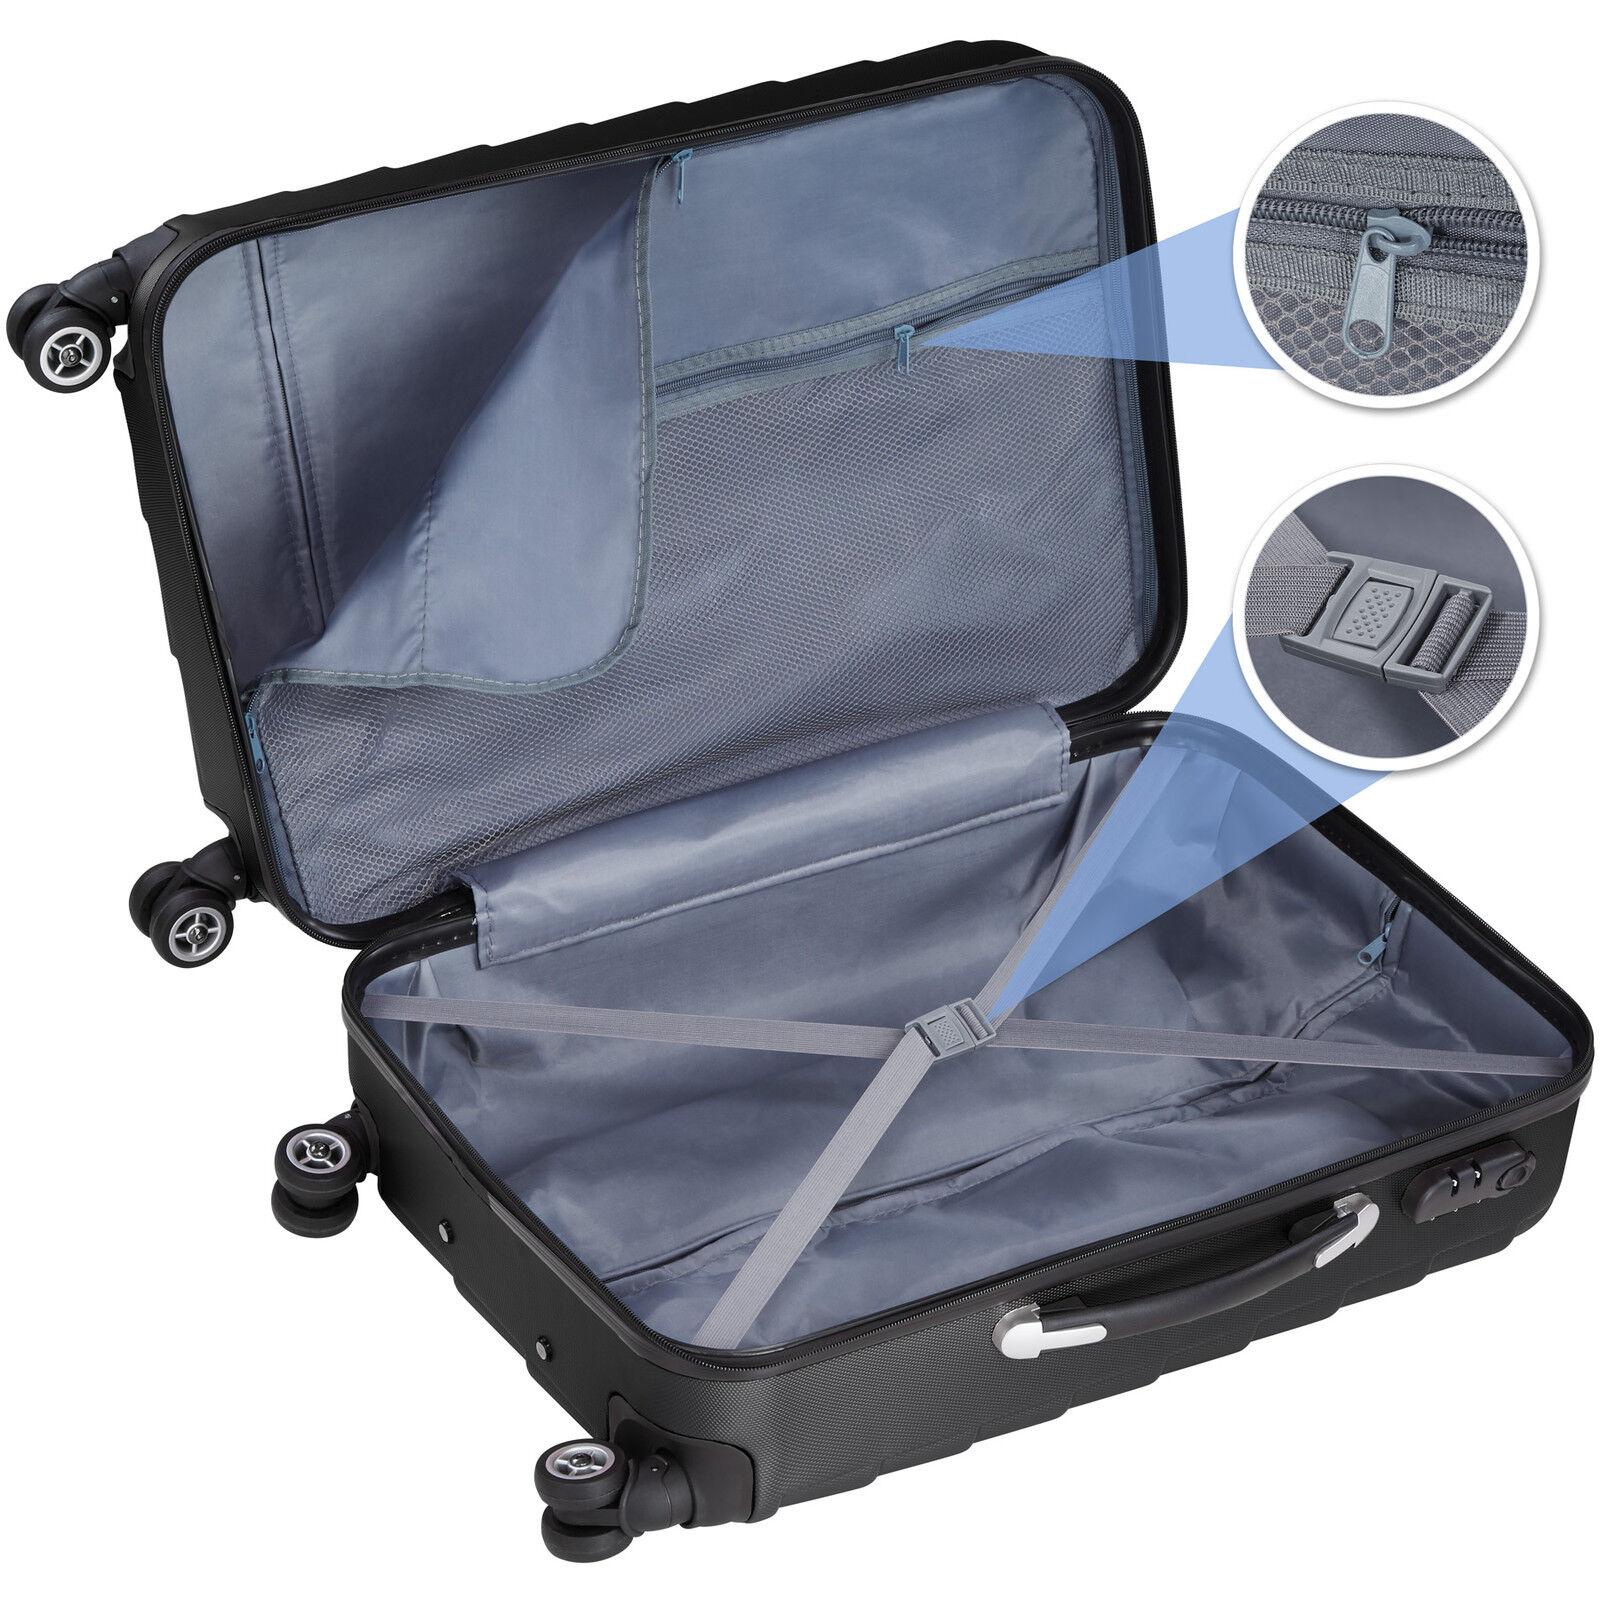 Set de 3 valises de voyage coque ABS léger rigide bagages valise trolley noir 2